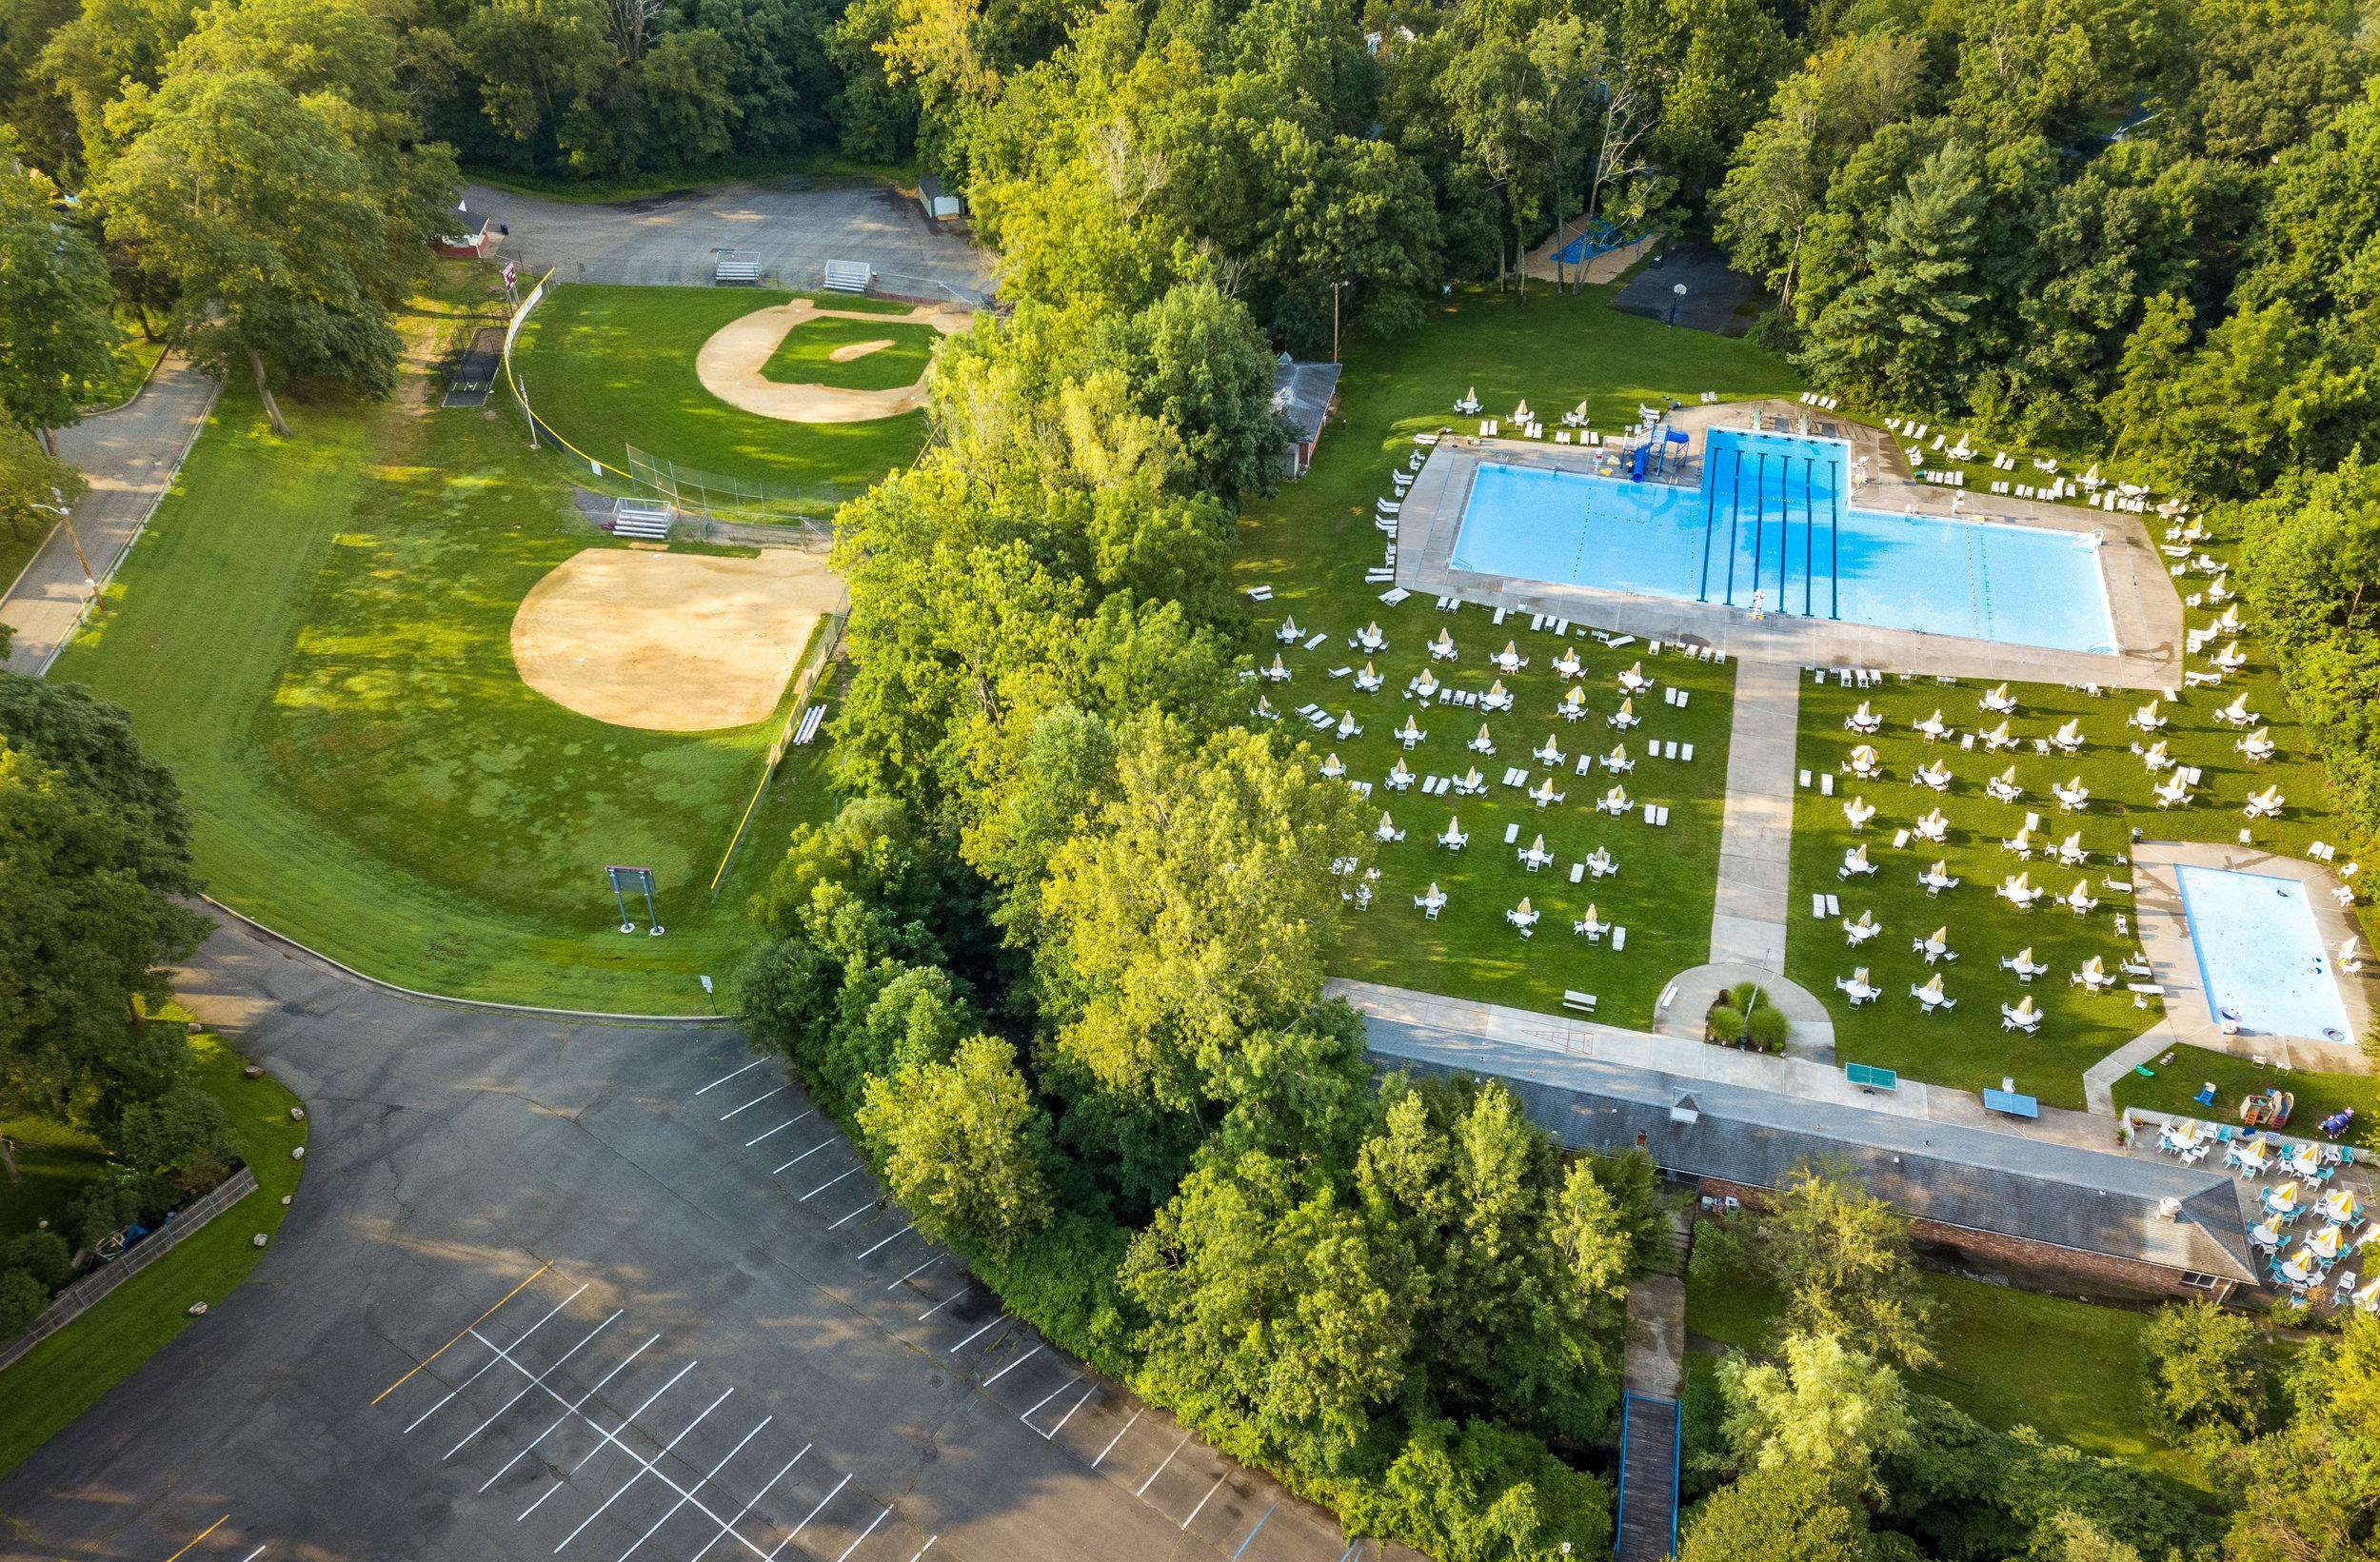 poolfield.jpg